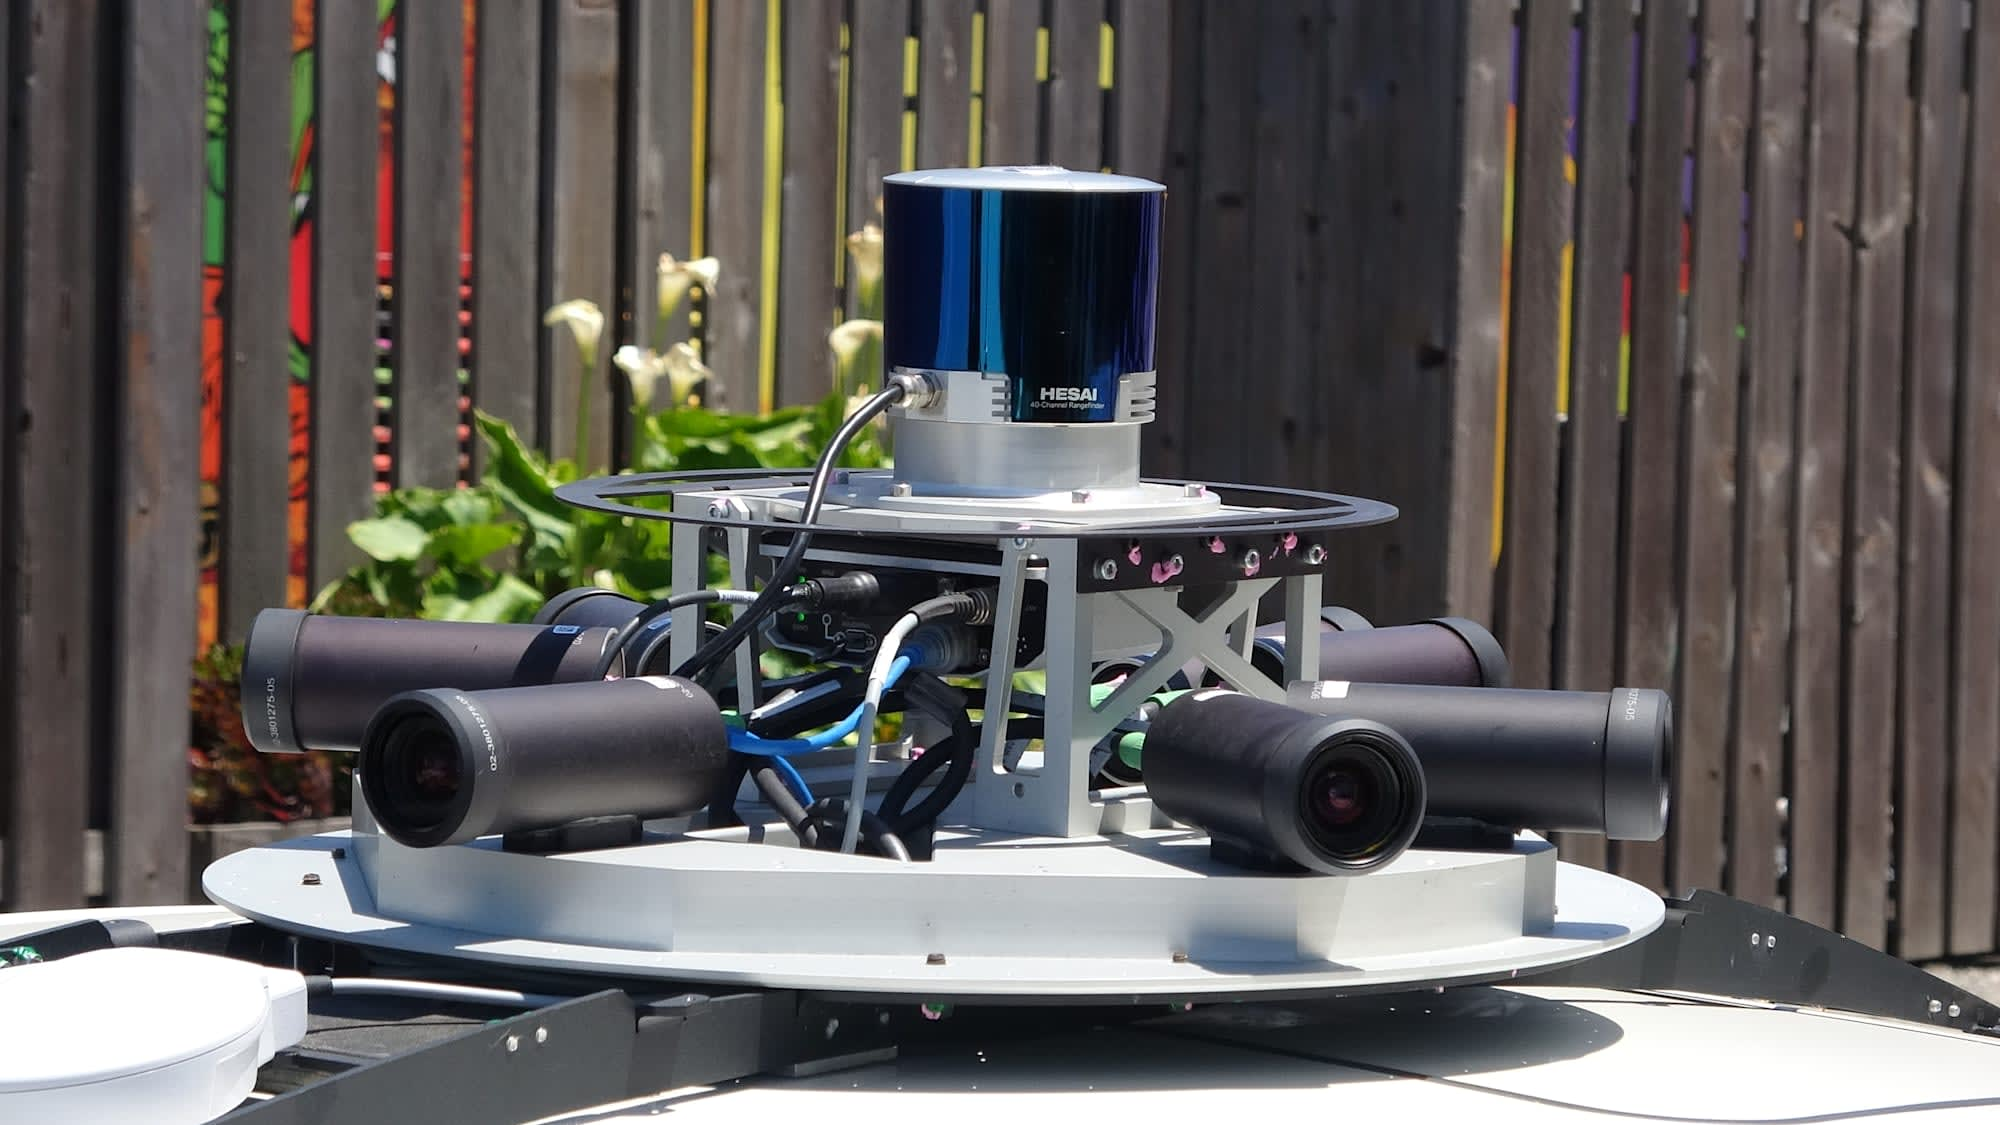 Luminar's cheap LiDAR could be a big boost for autonomous